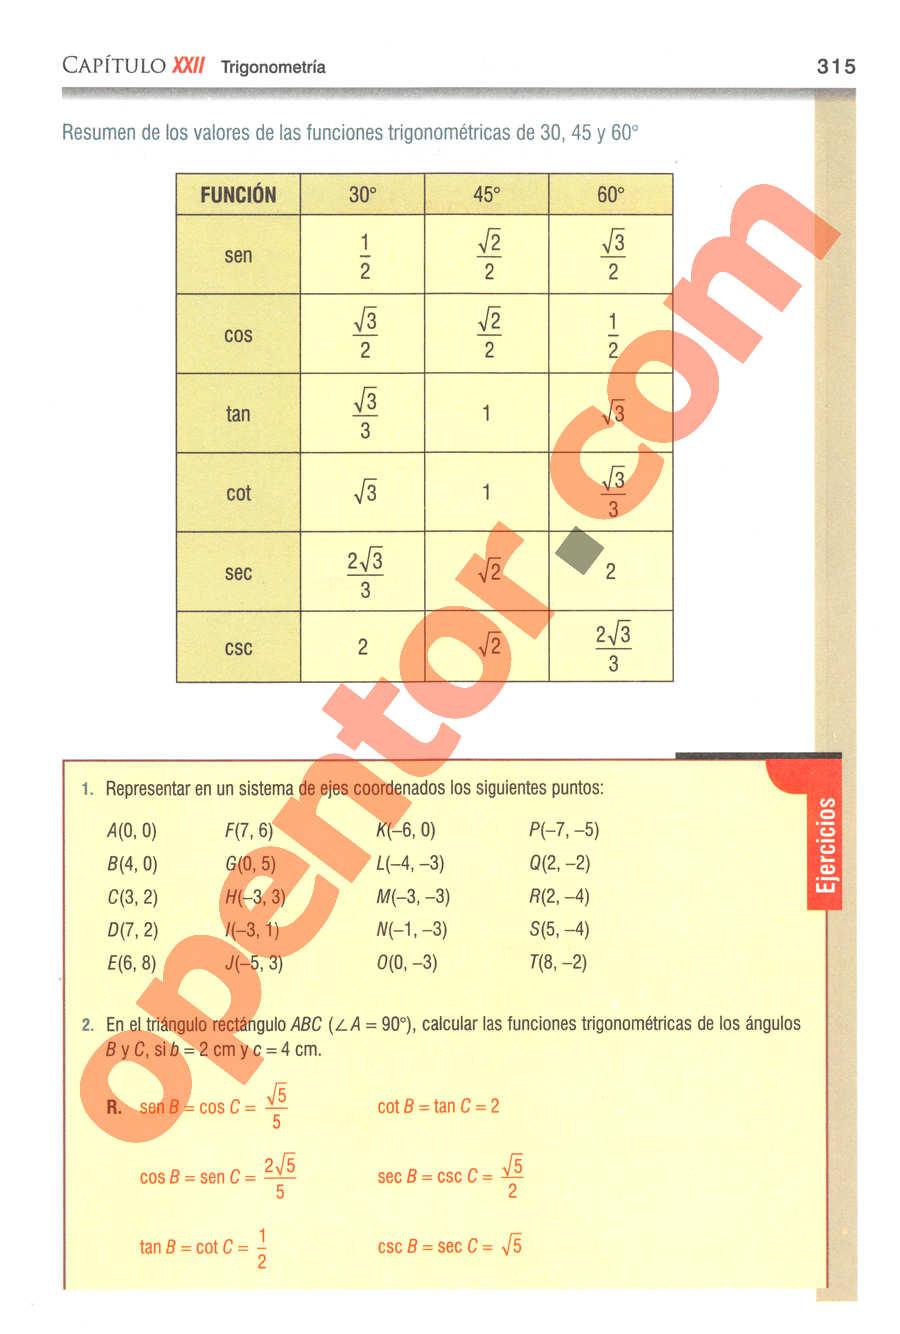 Geometría y Trigonometría de Baldor - Página 315